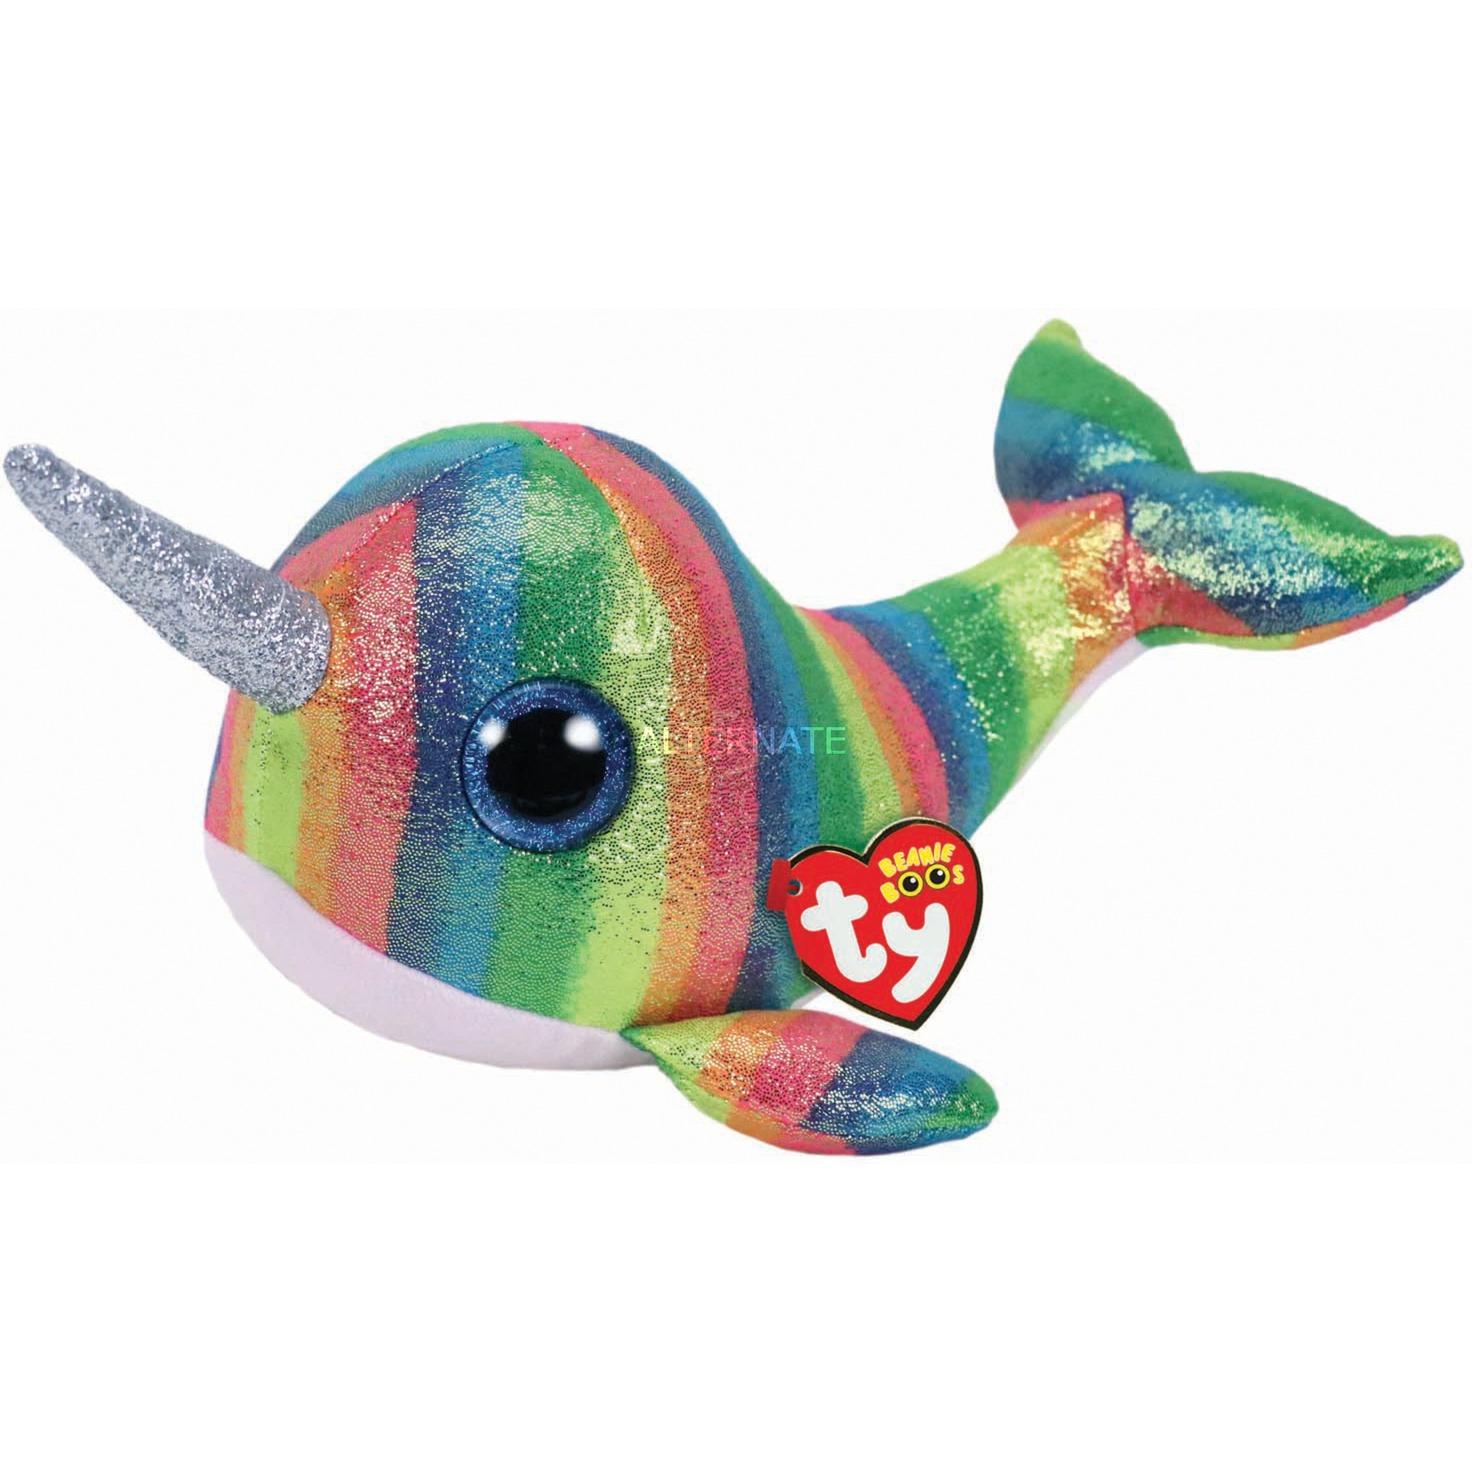 7136418 Multicolor juguete de peluche, Peluches